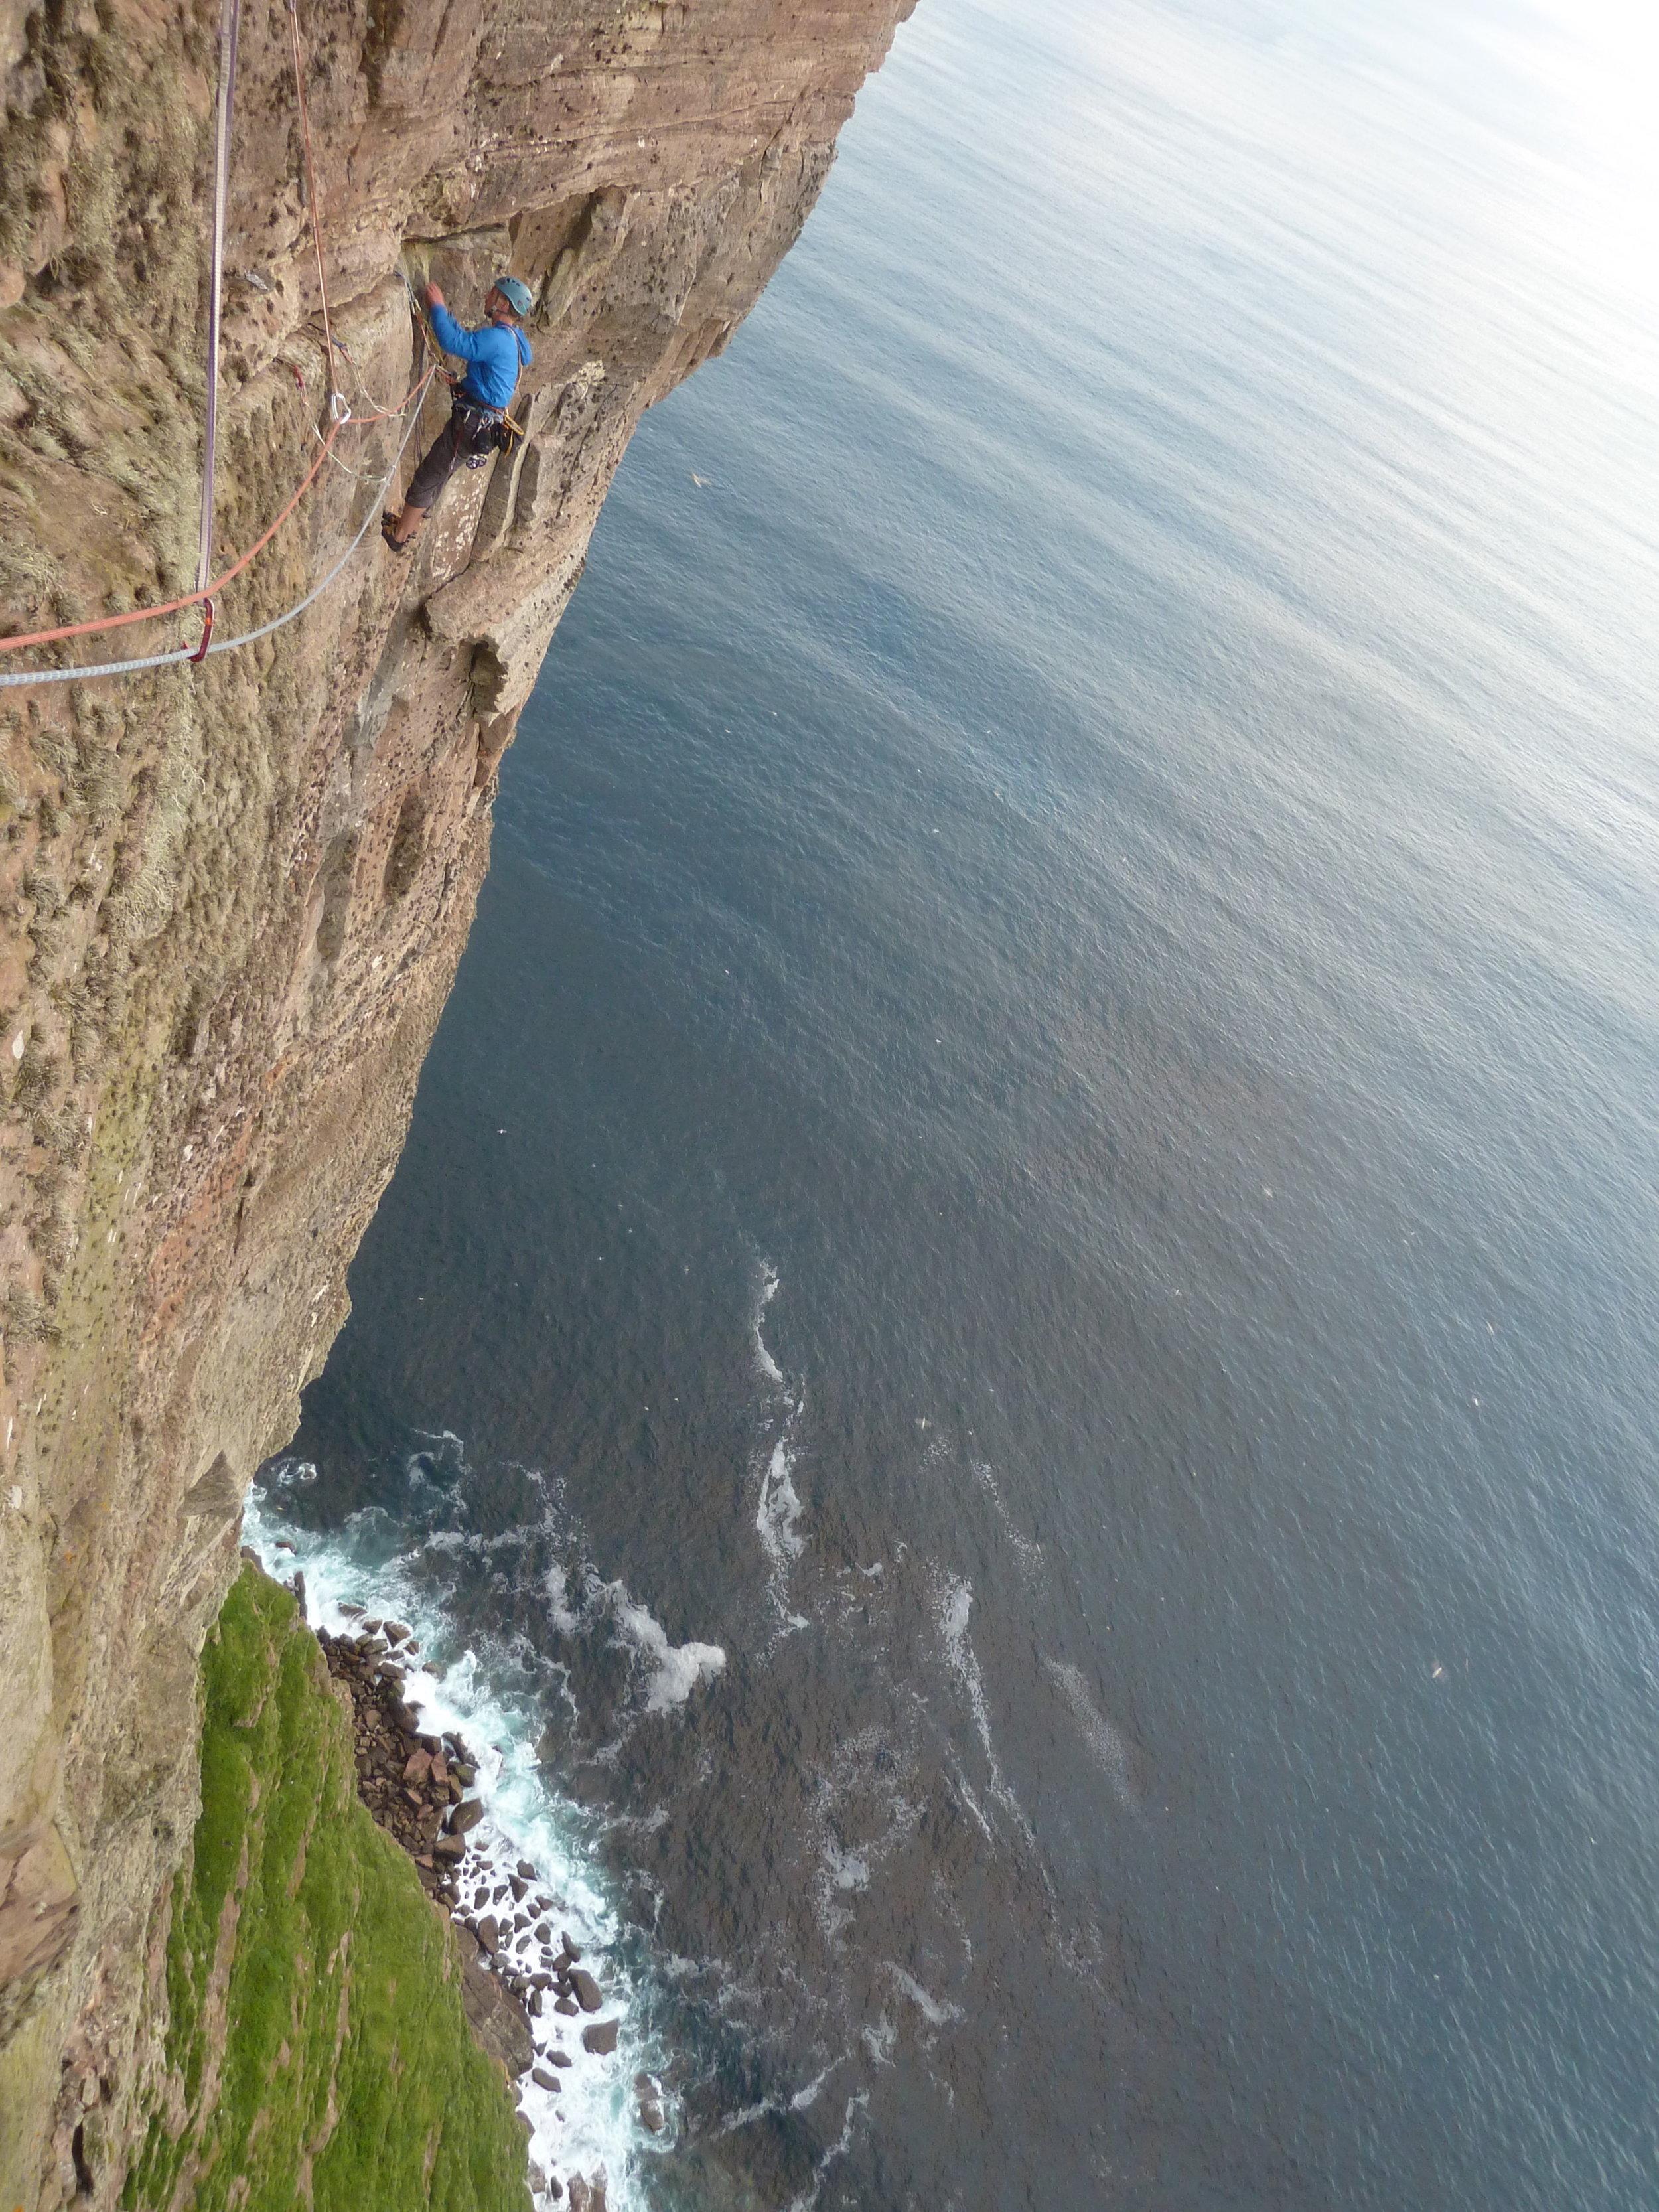 Tony half way up The Long Hope Route (E7 v. fulmar).